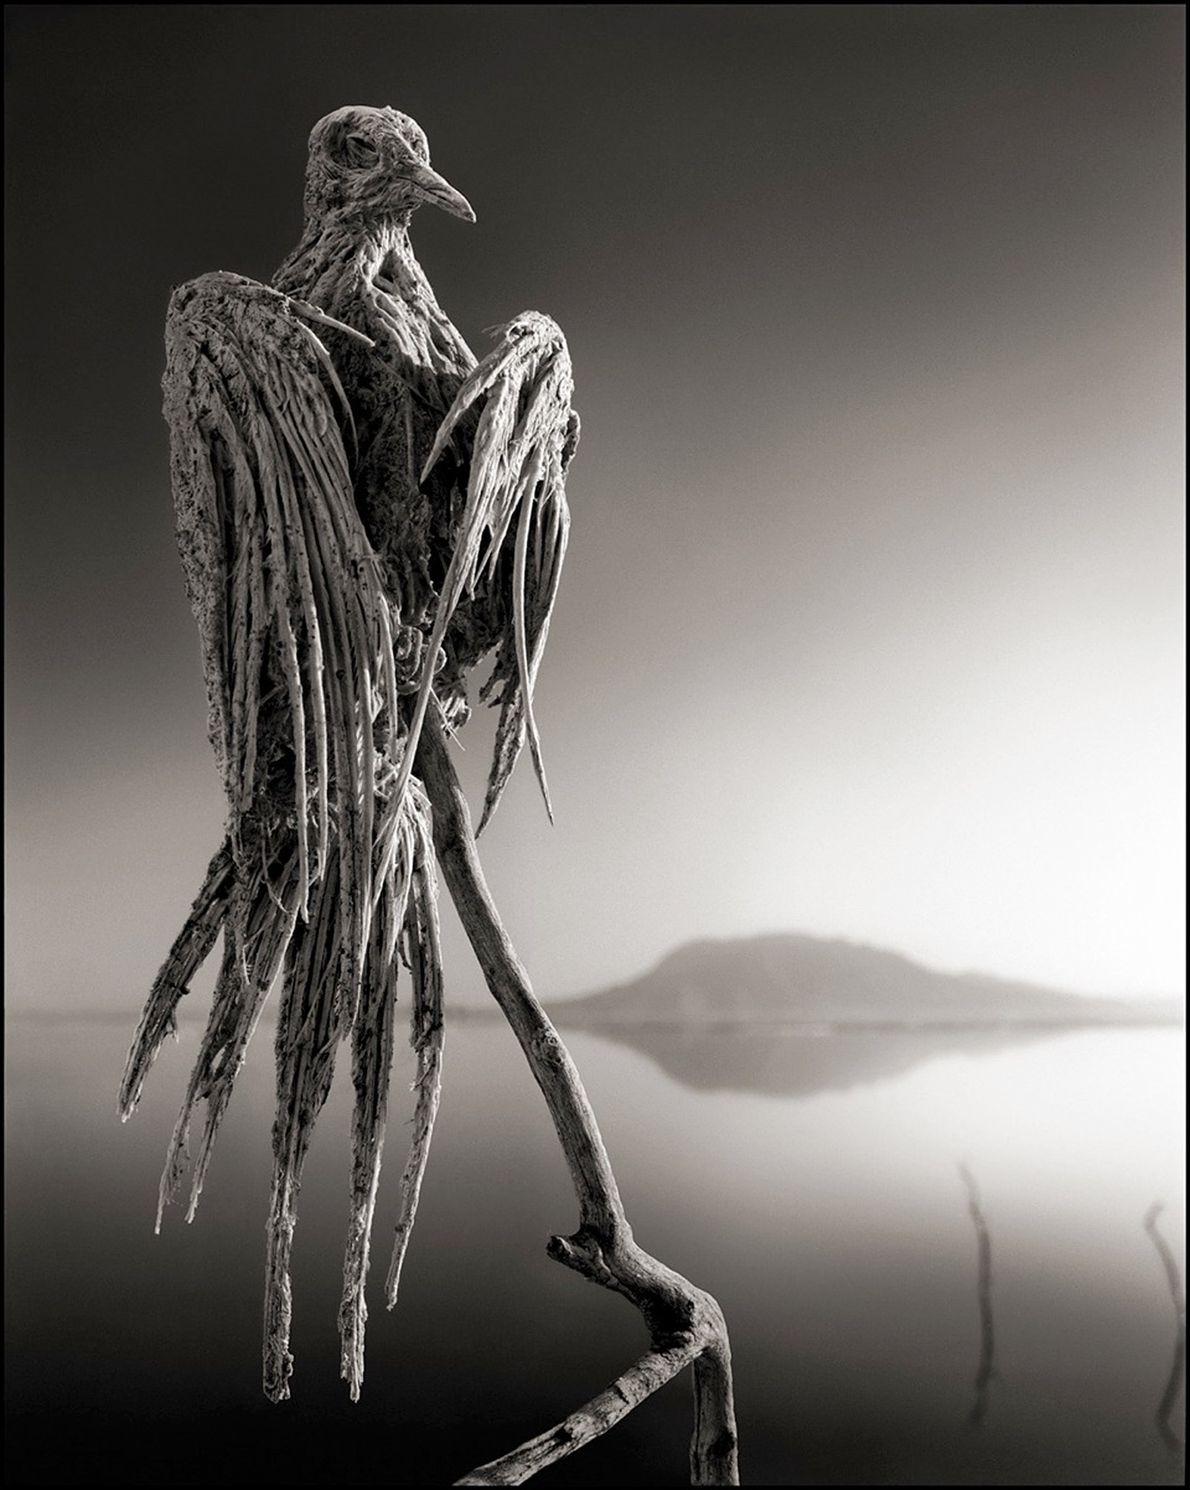 pomba silenciosa mumificada